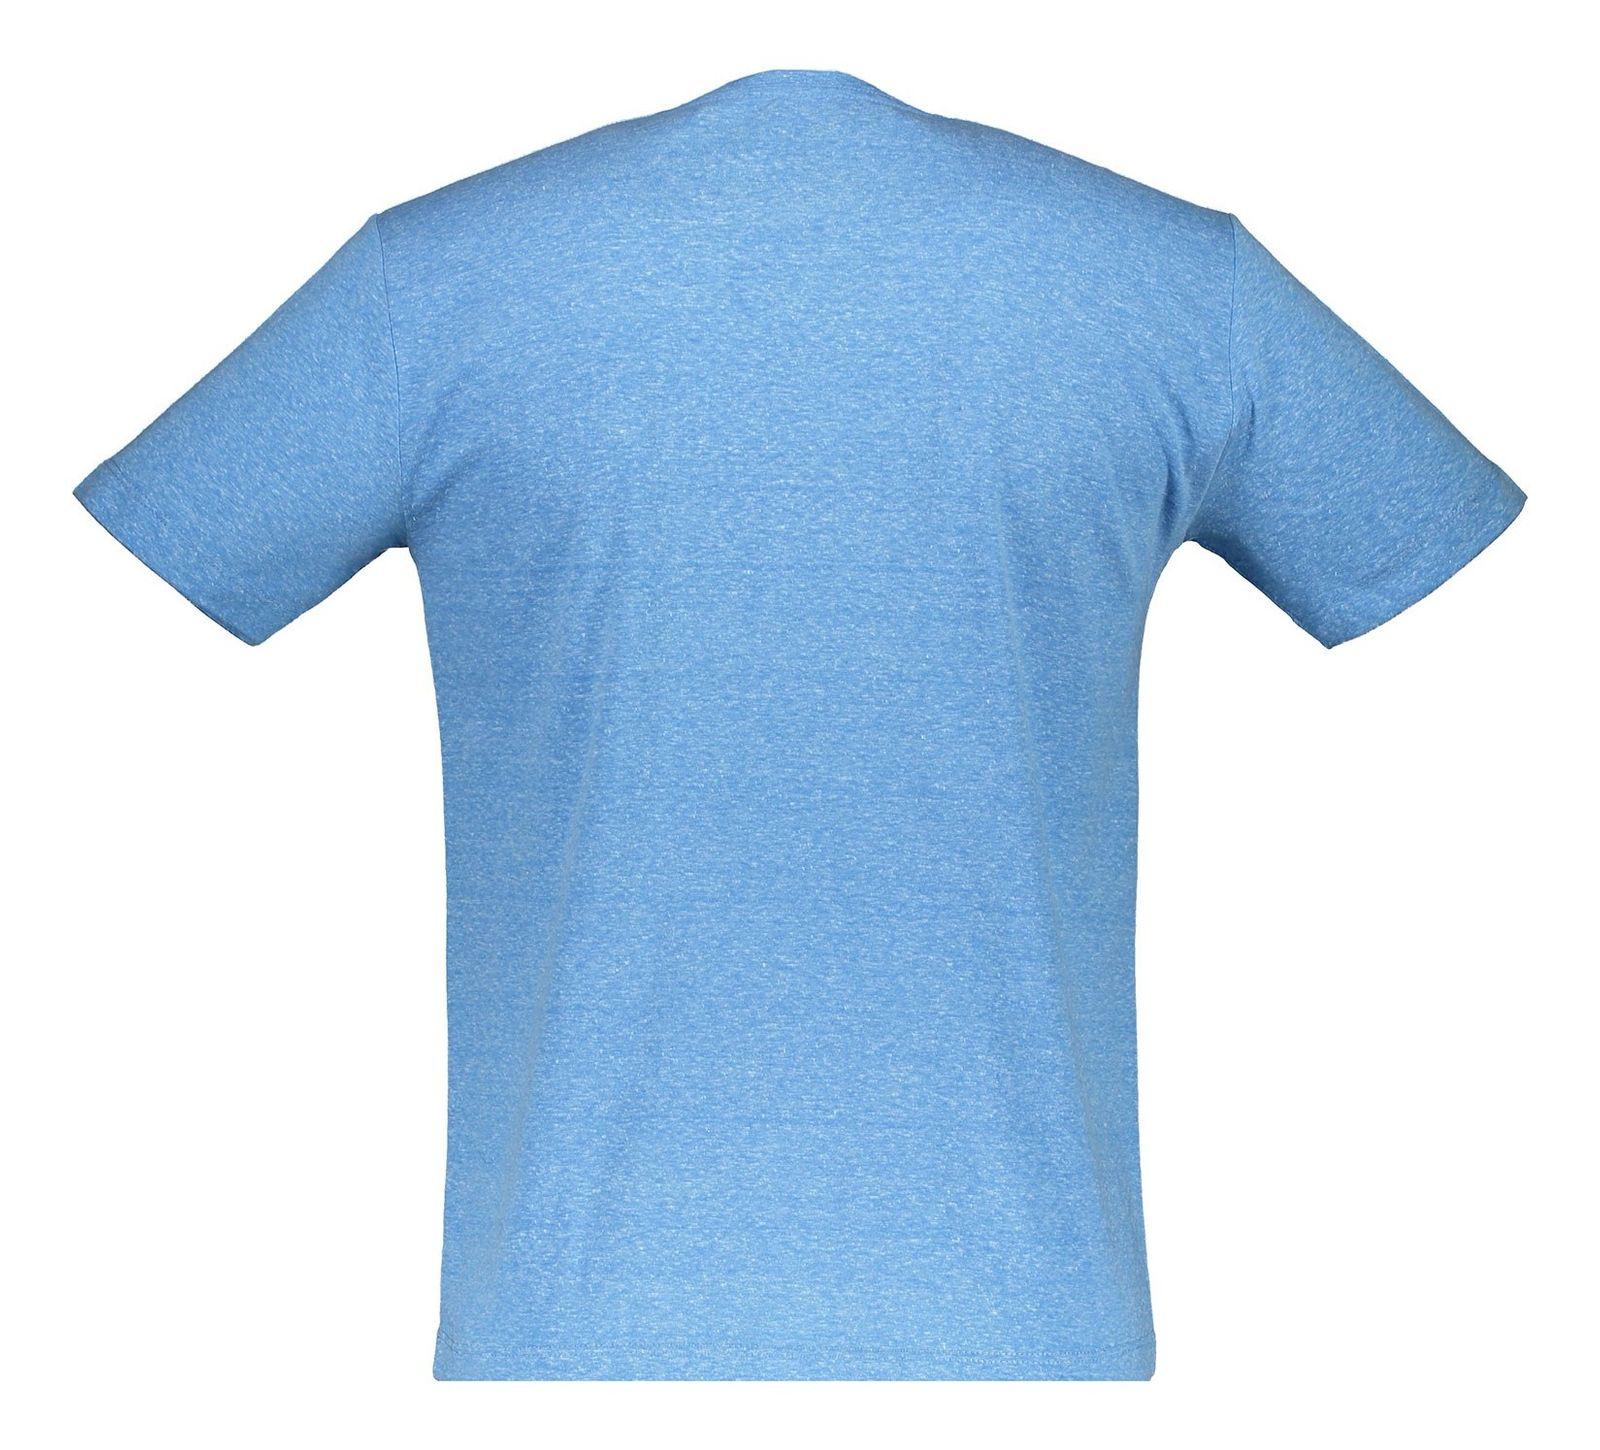 تی شرت یقه گرد مردانه - متی - آبي - 2